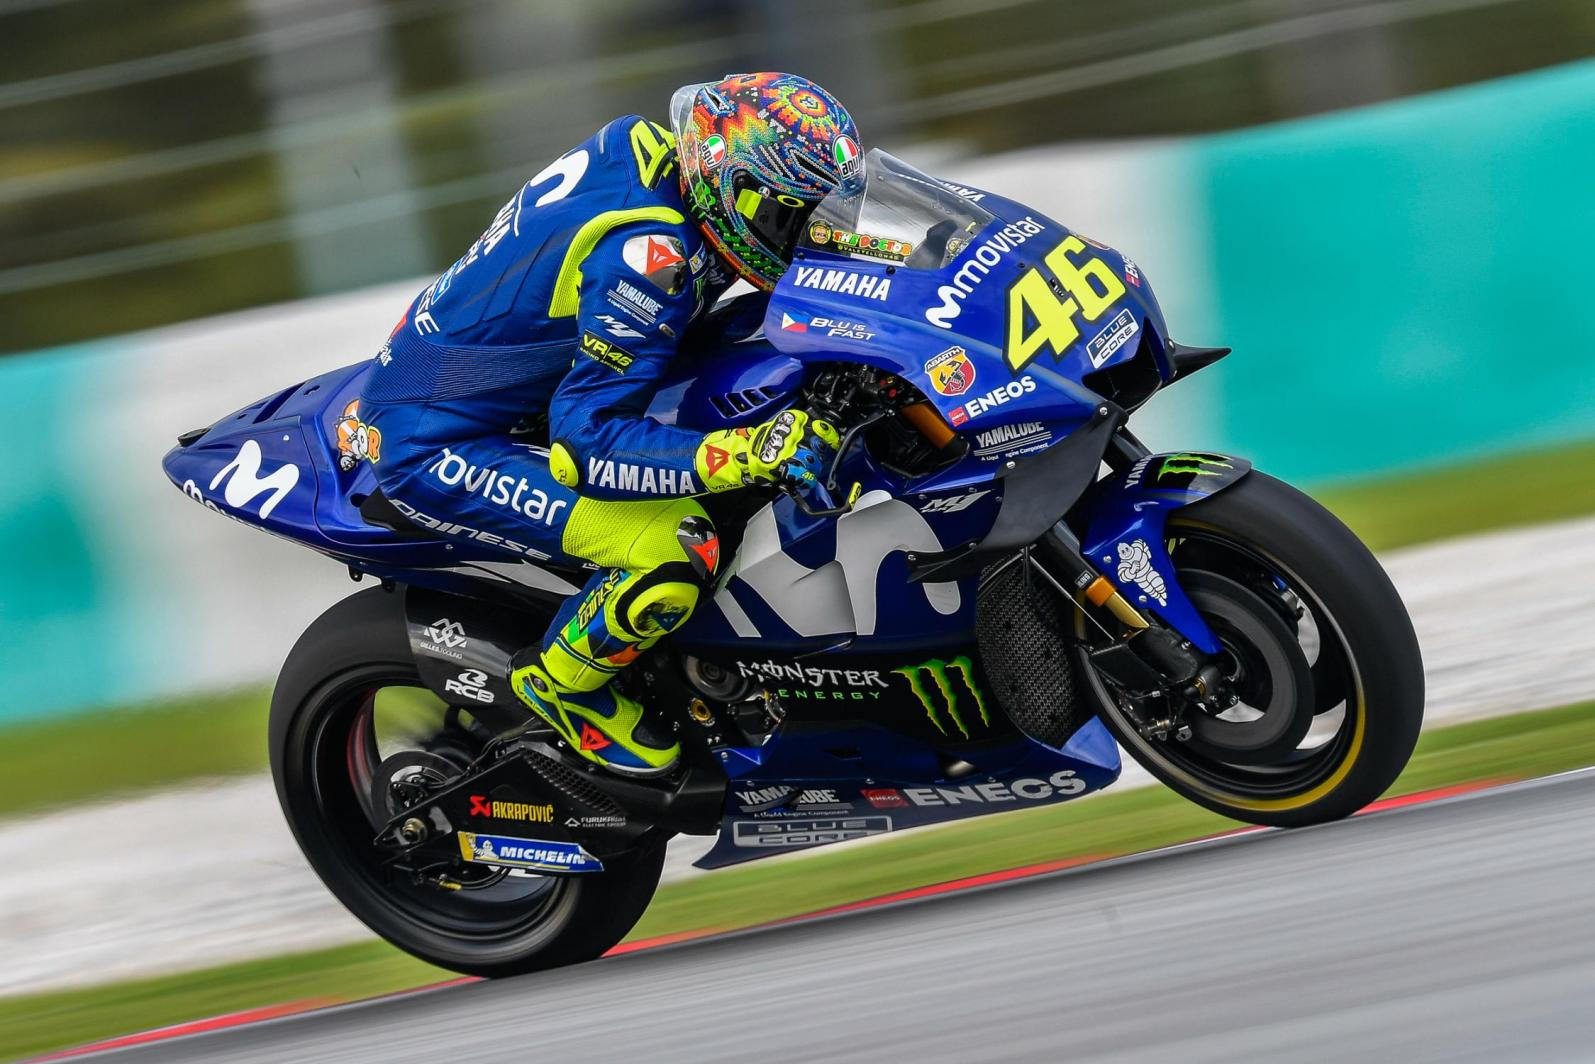 """Foto MotoGP 2018, Valentino Rossi: """"In difficoltà per mancanza di aderenza"""""""